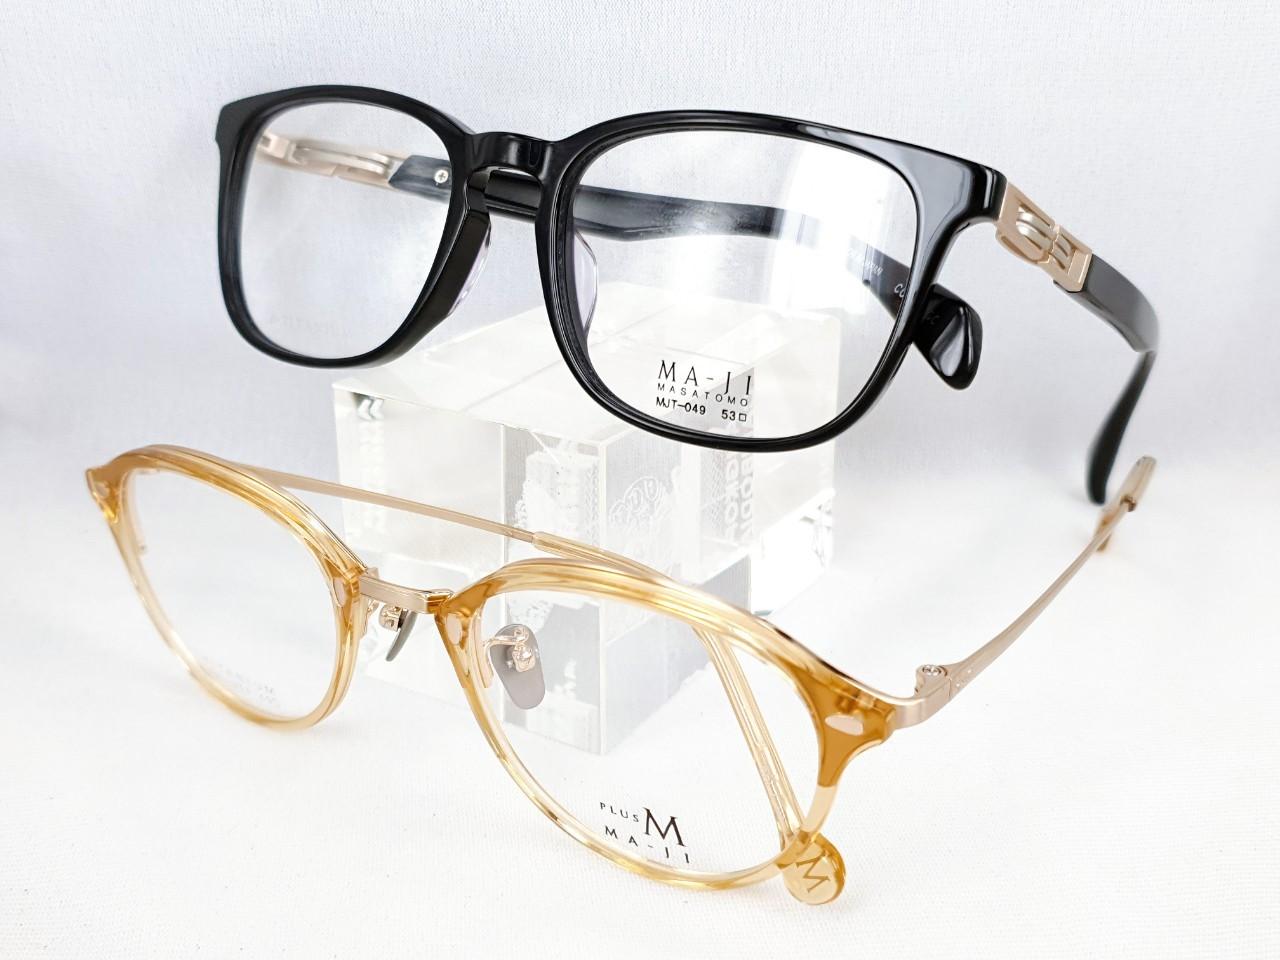 民視眼鏡品牌Ma Ji_200102_0001